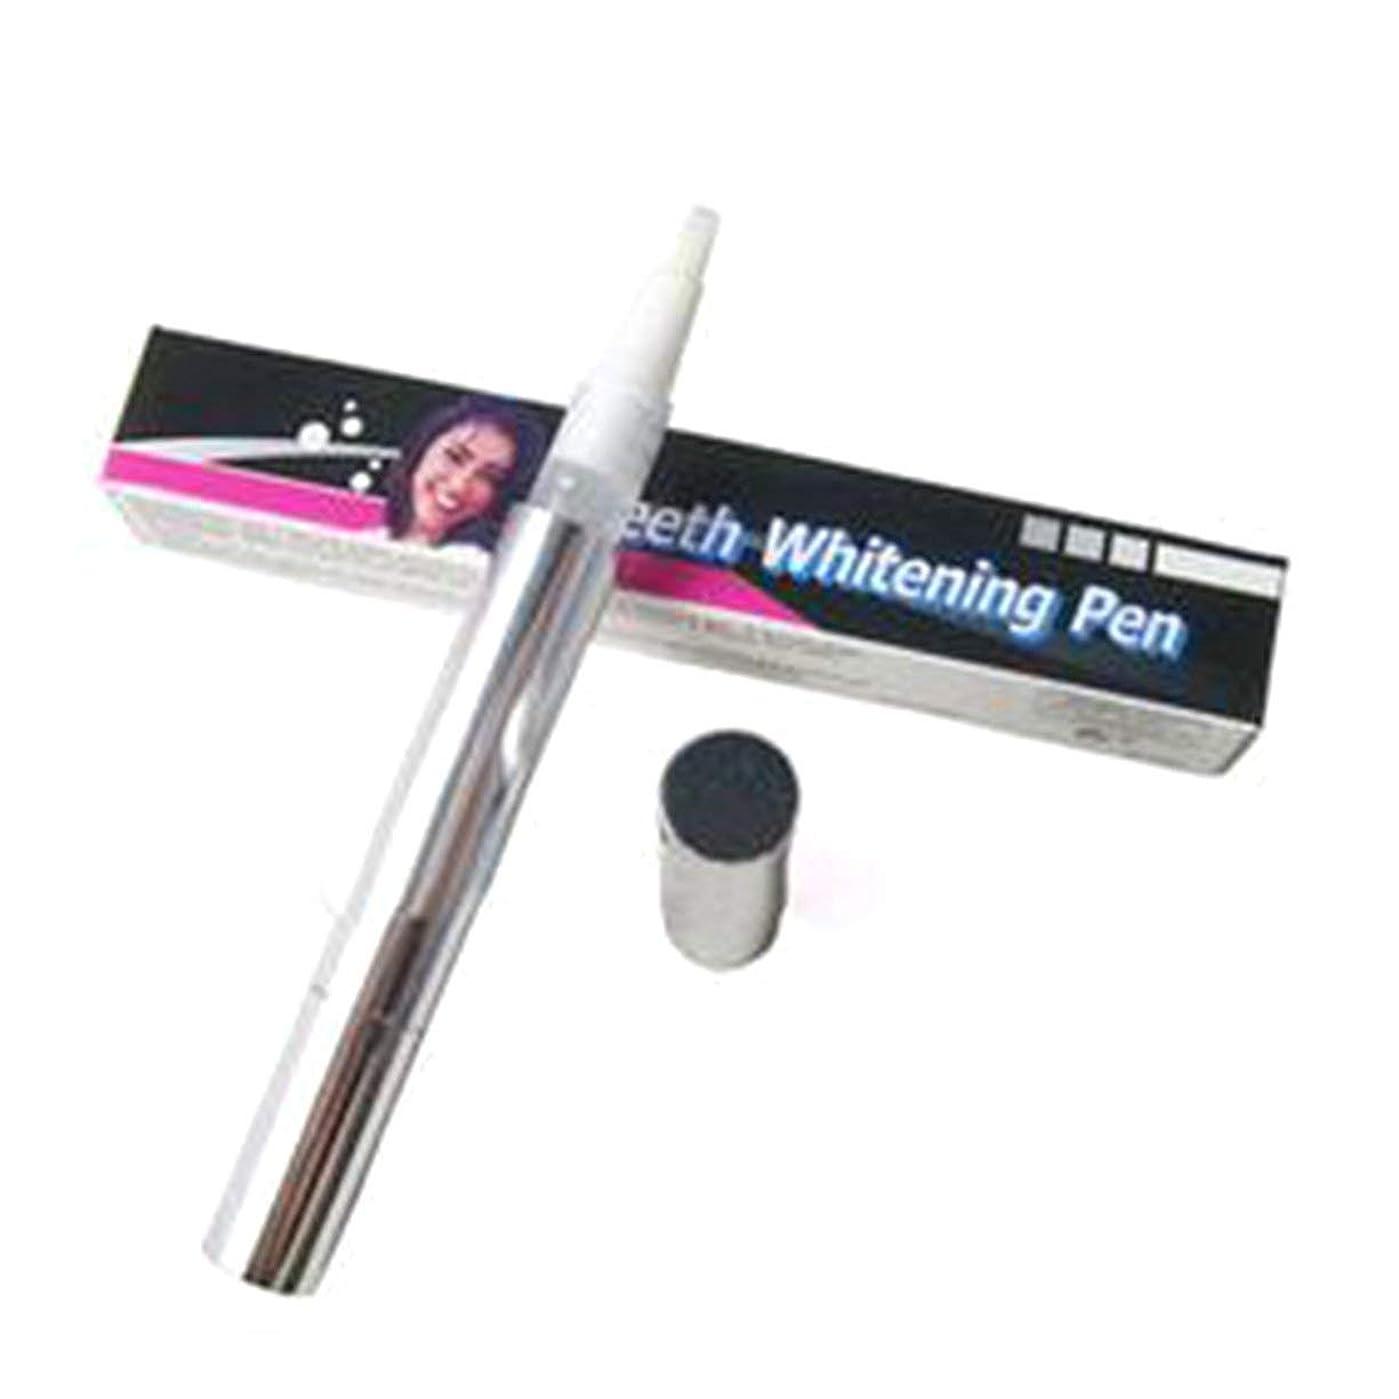 マイク計画七時半ペンホワイトニングペン強力な汚れ消しゴム除去速い漂白歯ジェルホワイトナー歯科口腔衛生用品 - シルバー